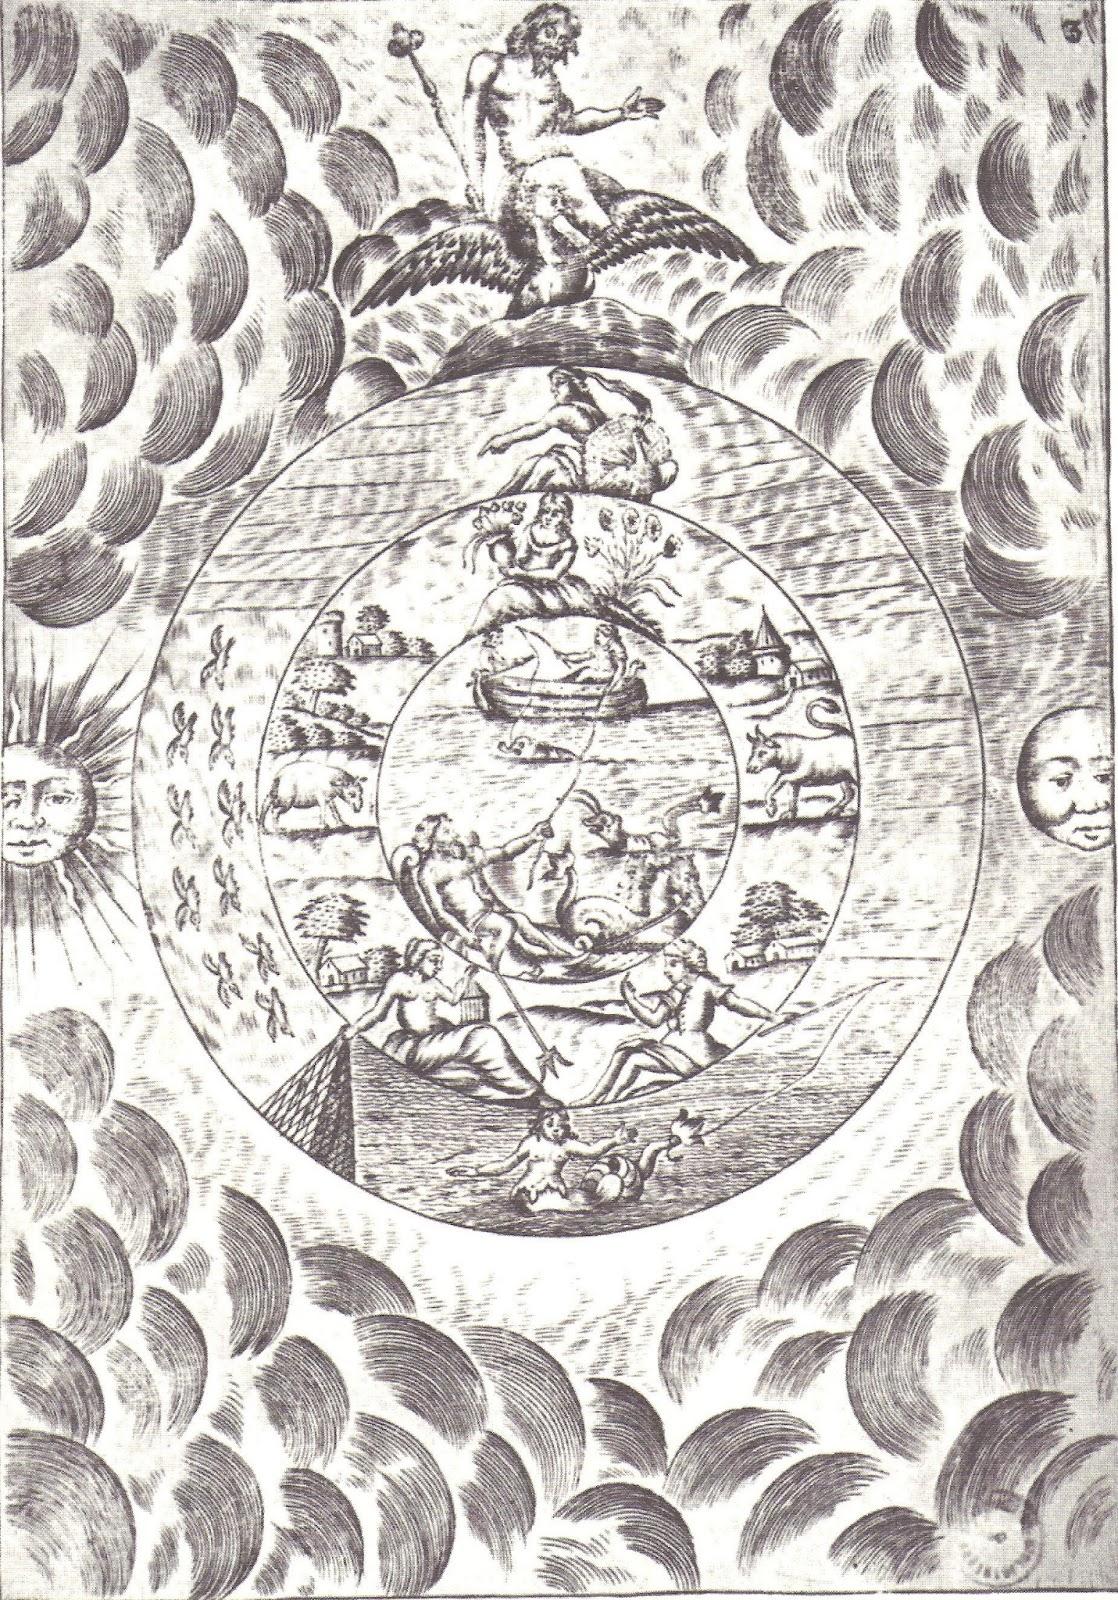 Mutus Liber - Troisième planche - 1677